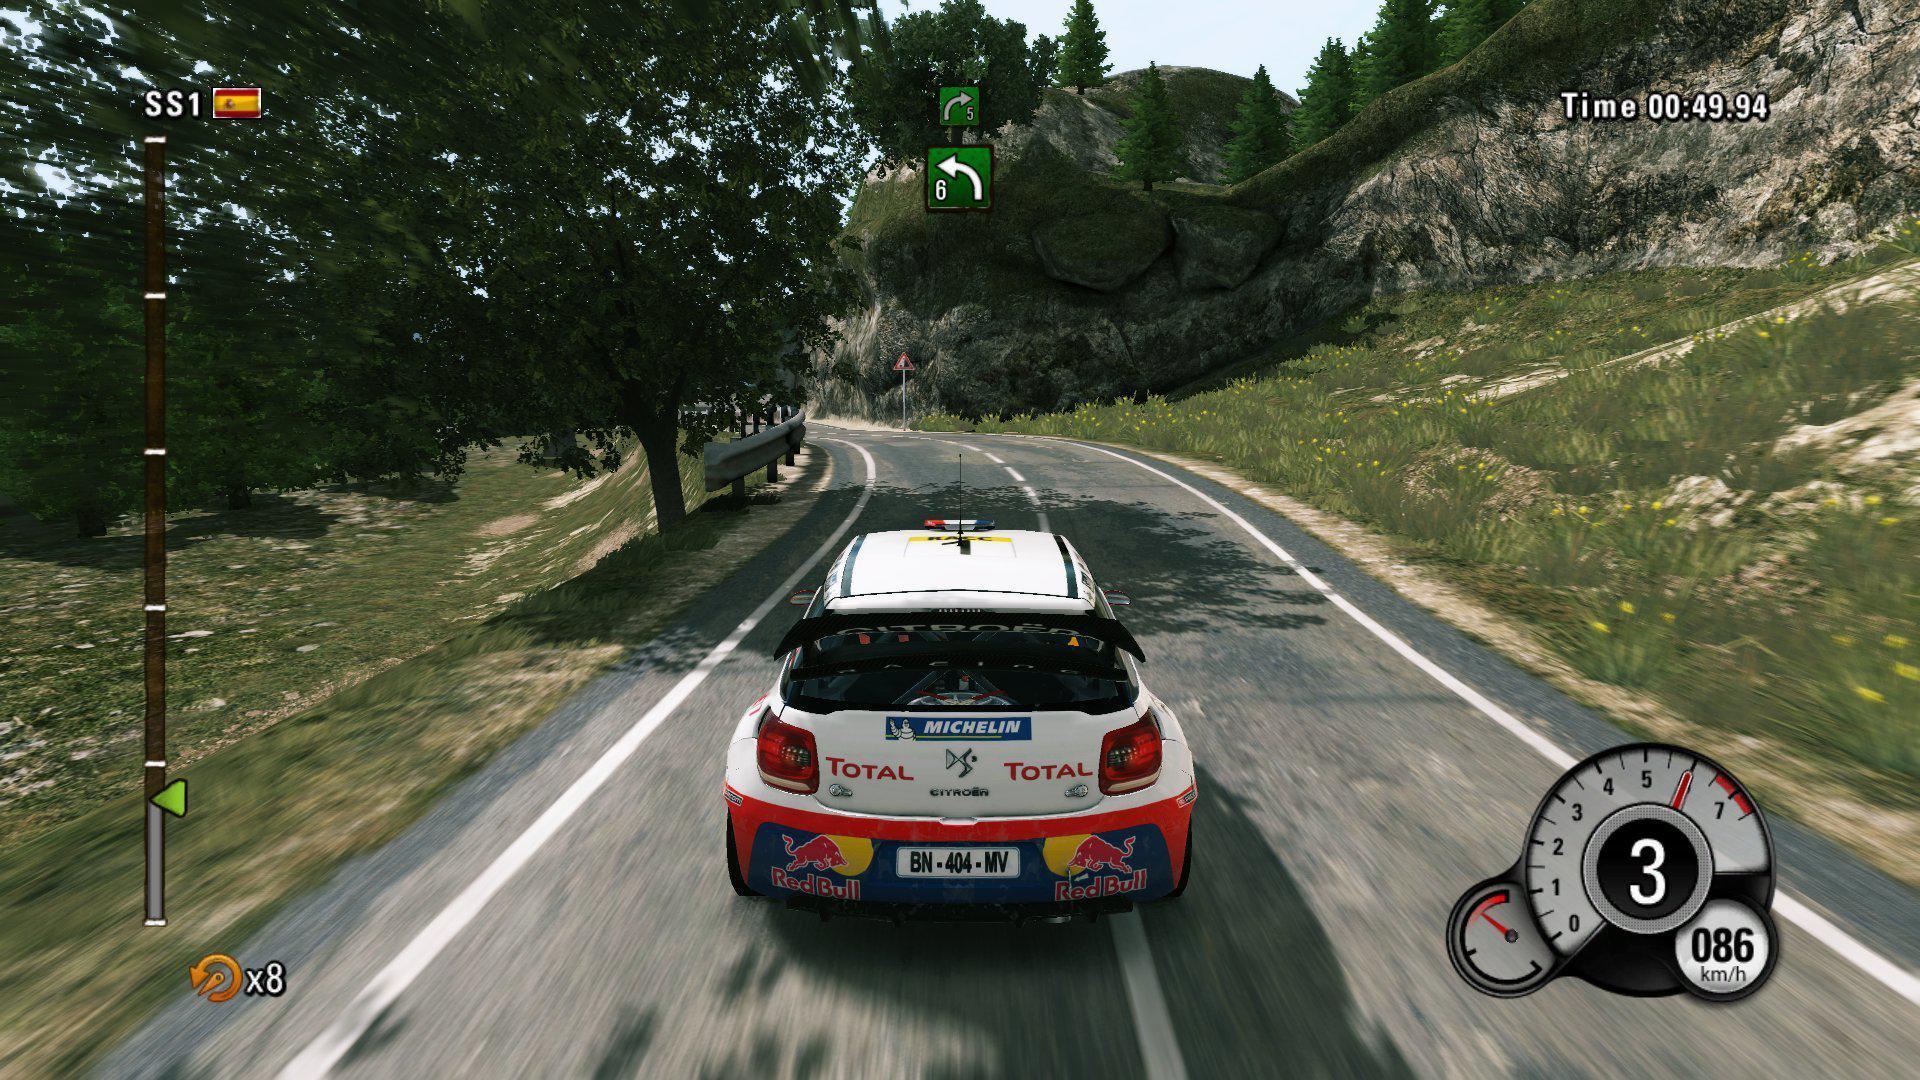 Wrc 5, Le Jeu De Simulation De Courses De Rallye Disponible à Telecharger Jeux De Voiture Sur Pc